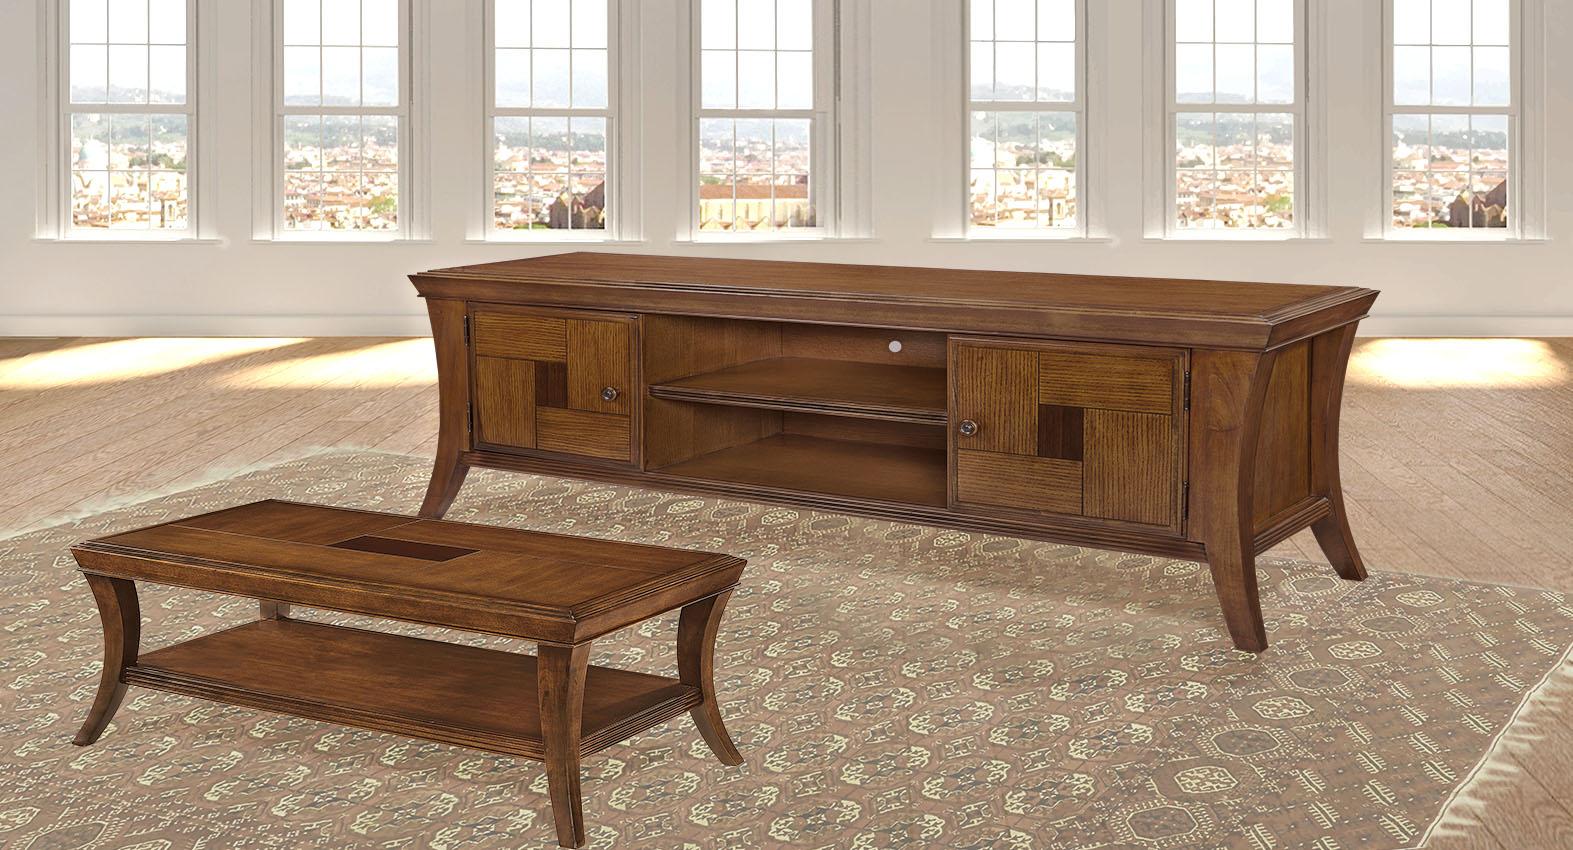 מזנון ושולחן בעיצוב מודרני